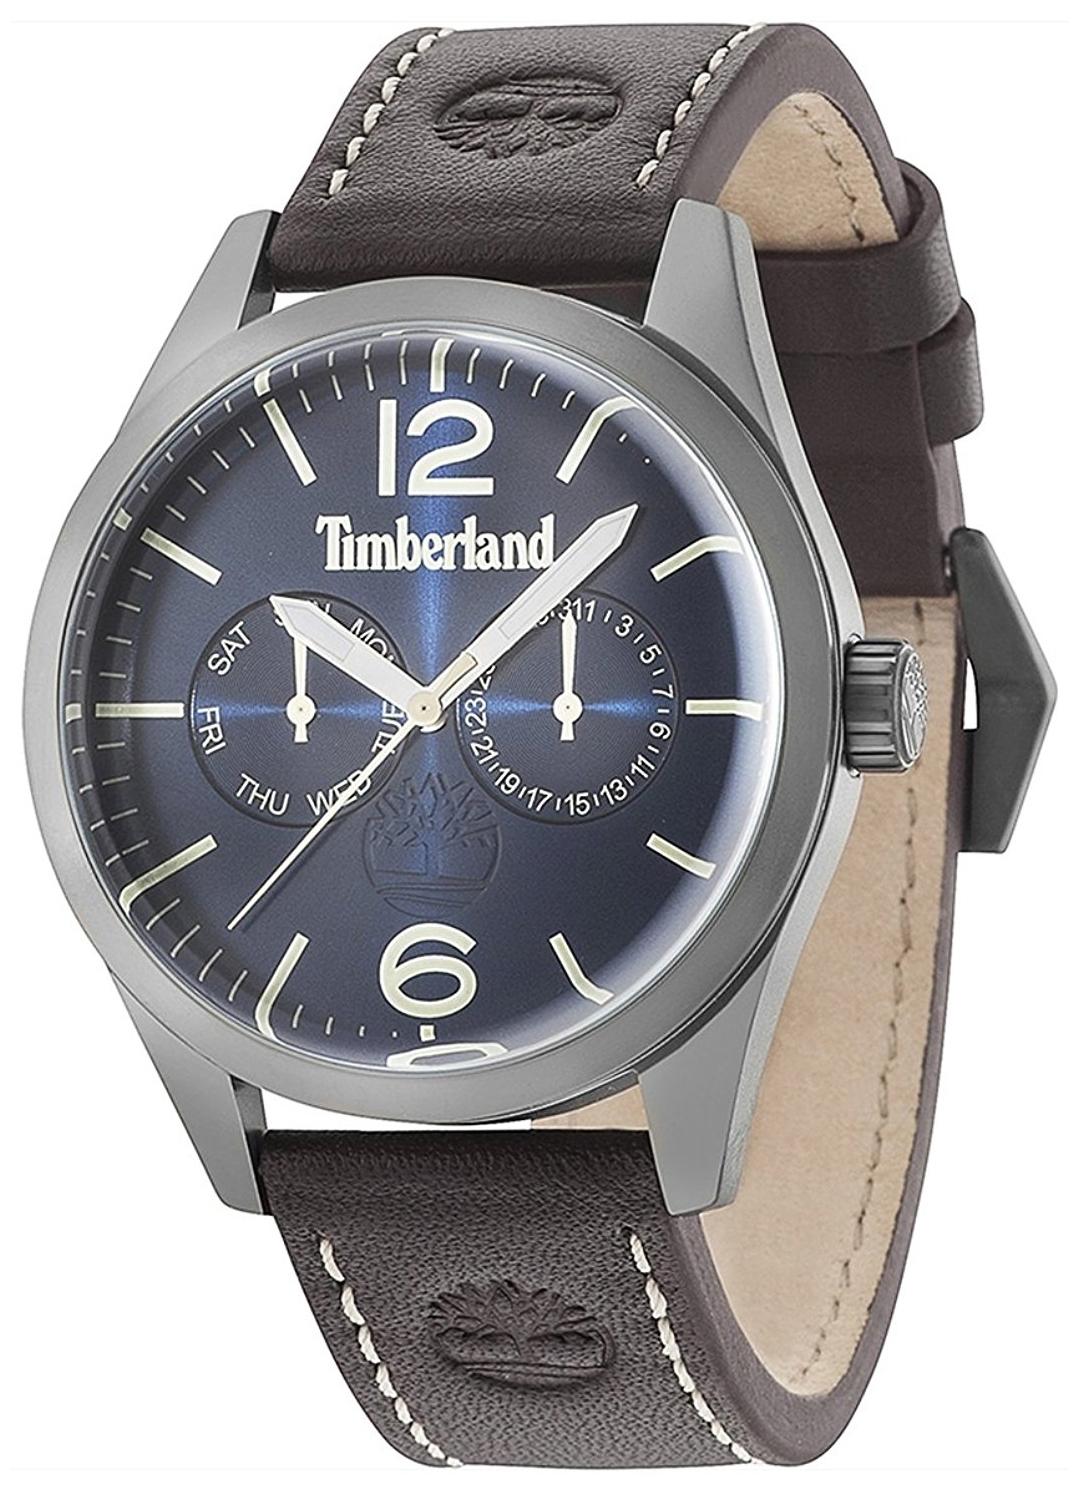 Timberland Middleton Herrklocka 15018JSU/03 Blå/Läder Ø44 mm - Timberland